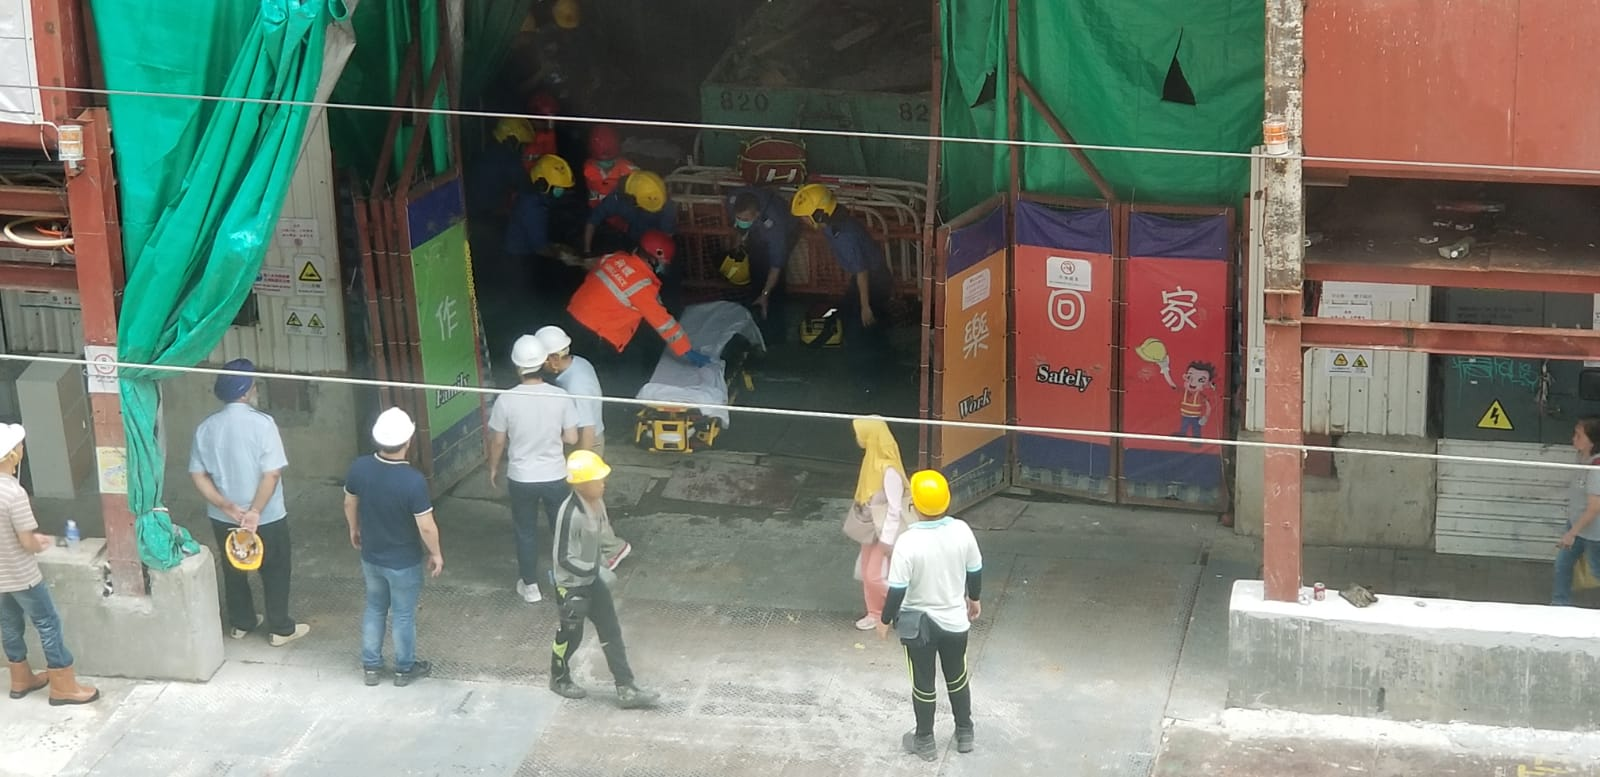 男工人意外失足跌落電梯槽亡。 讀者陳先生提供